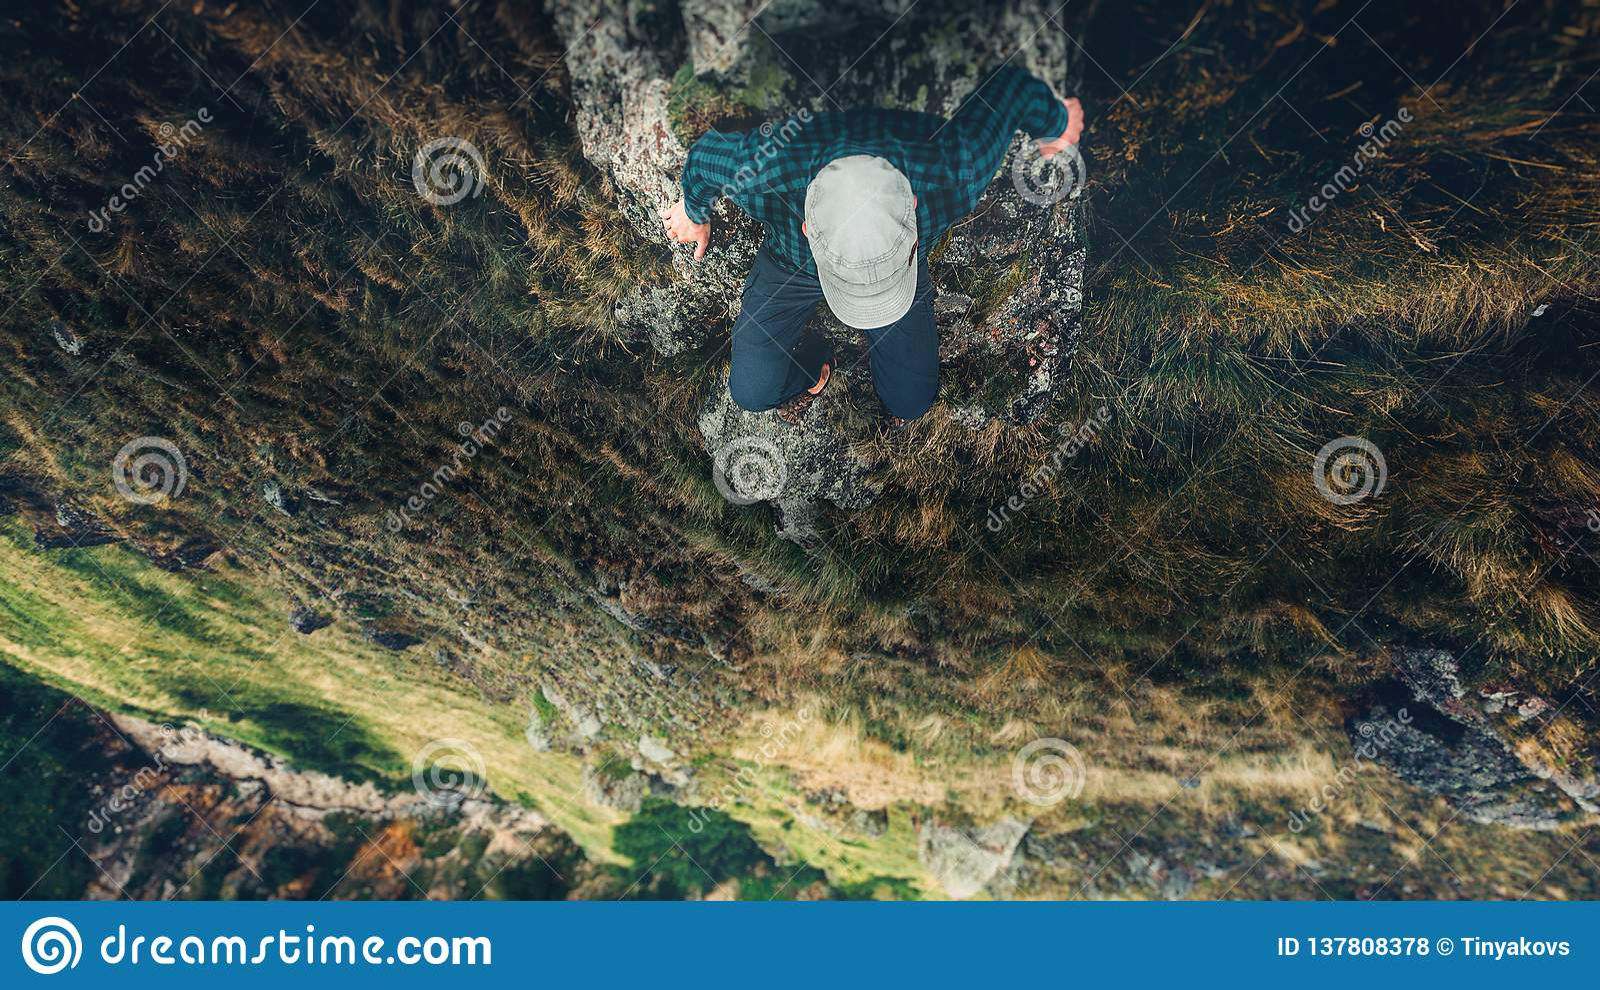 徒步旅行者人坐峭壁与山鸟瞰图旅行生活方式冒险假期概念的桥梁边缘